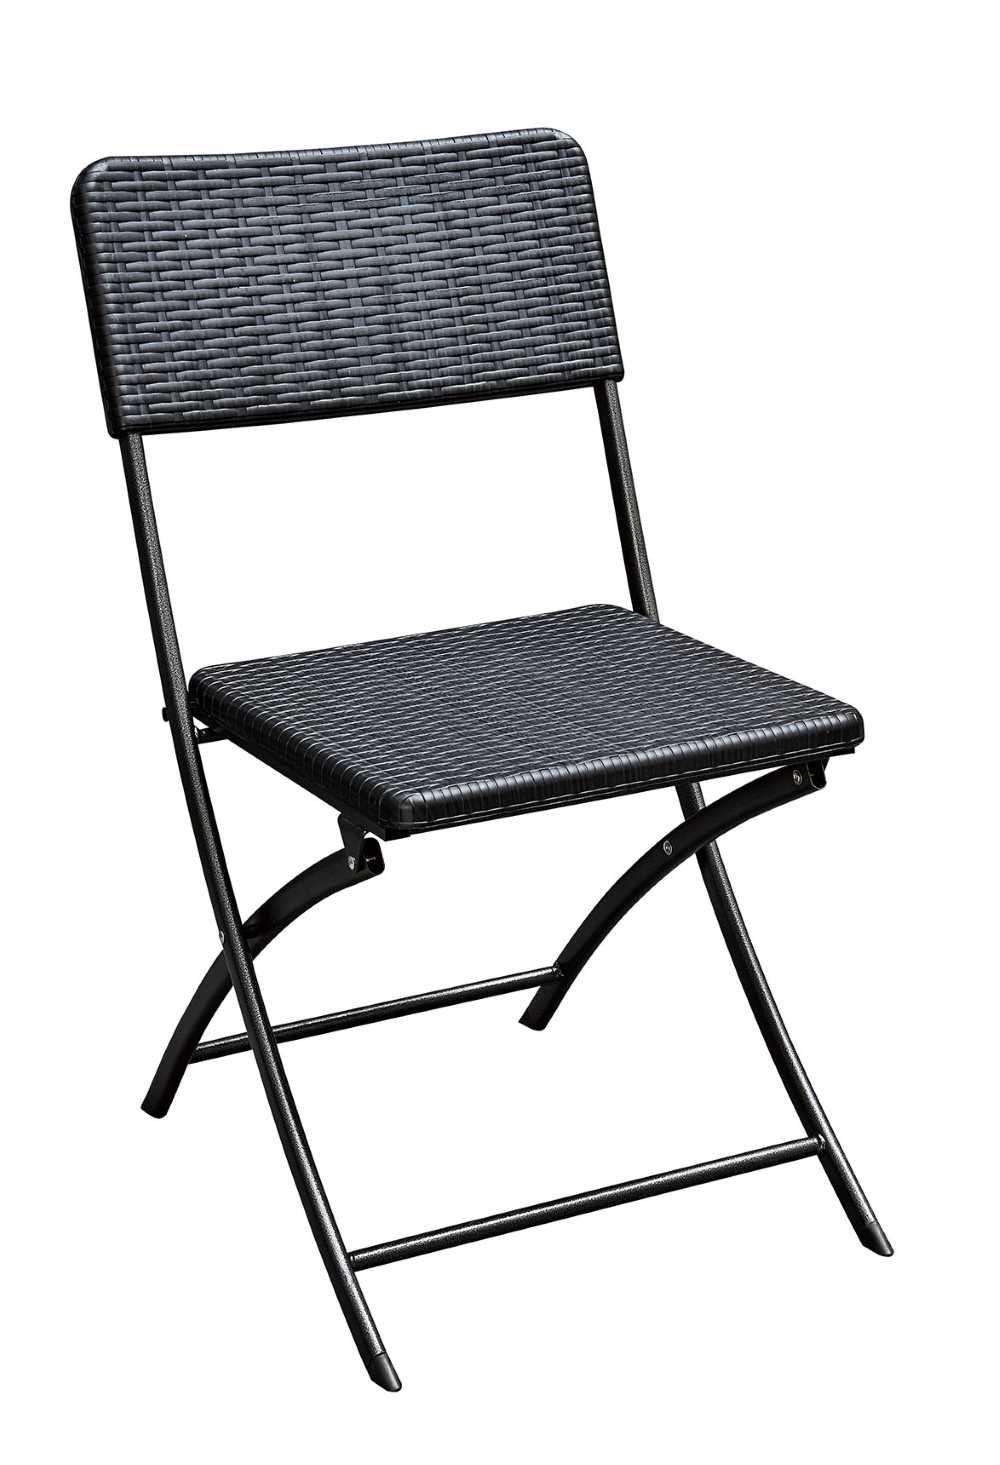 Klappstuhl 2er Set Stuhle Schwarz Rattan Optik Campingstuhl